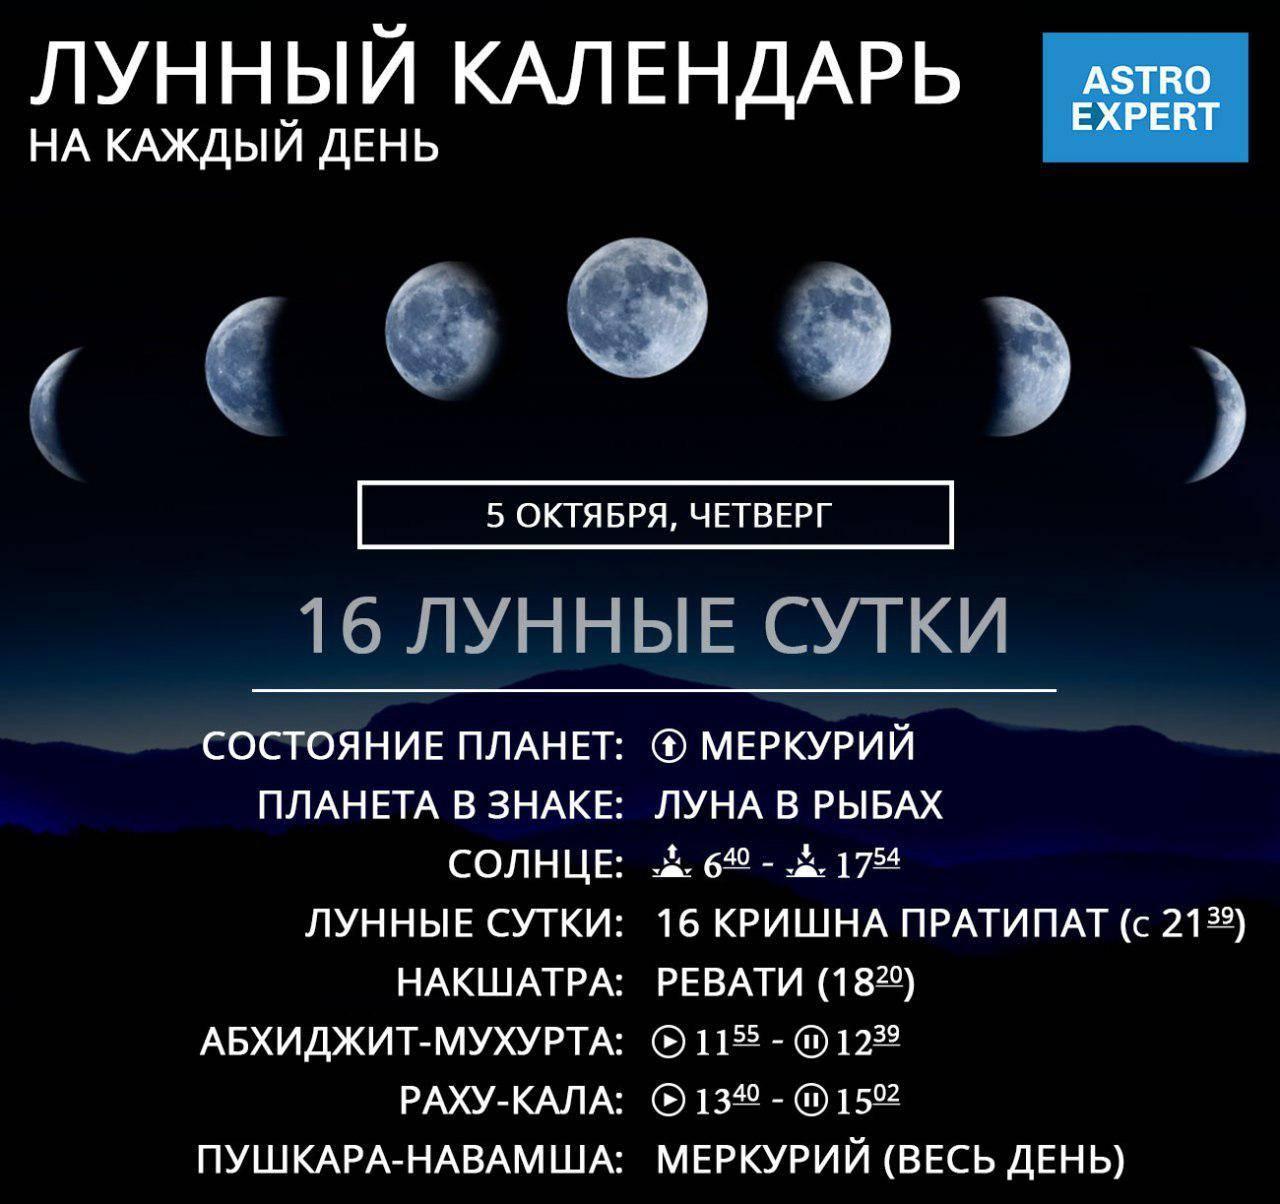 Лунный календарь - благоприятные дни для начинаний